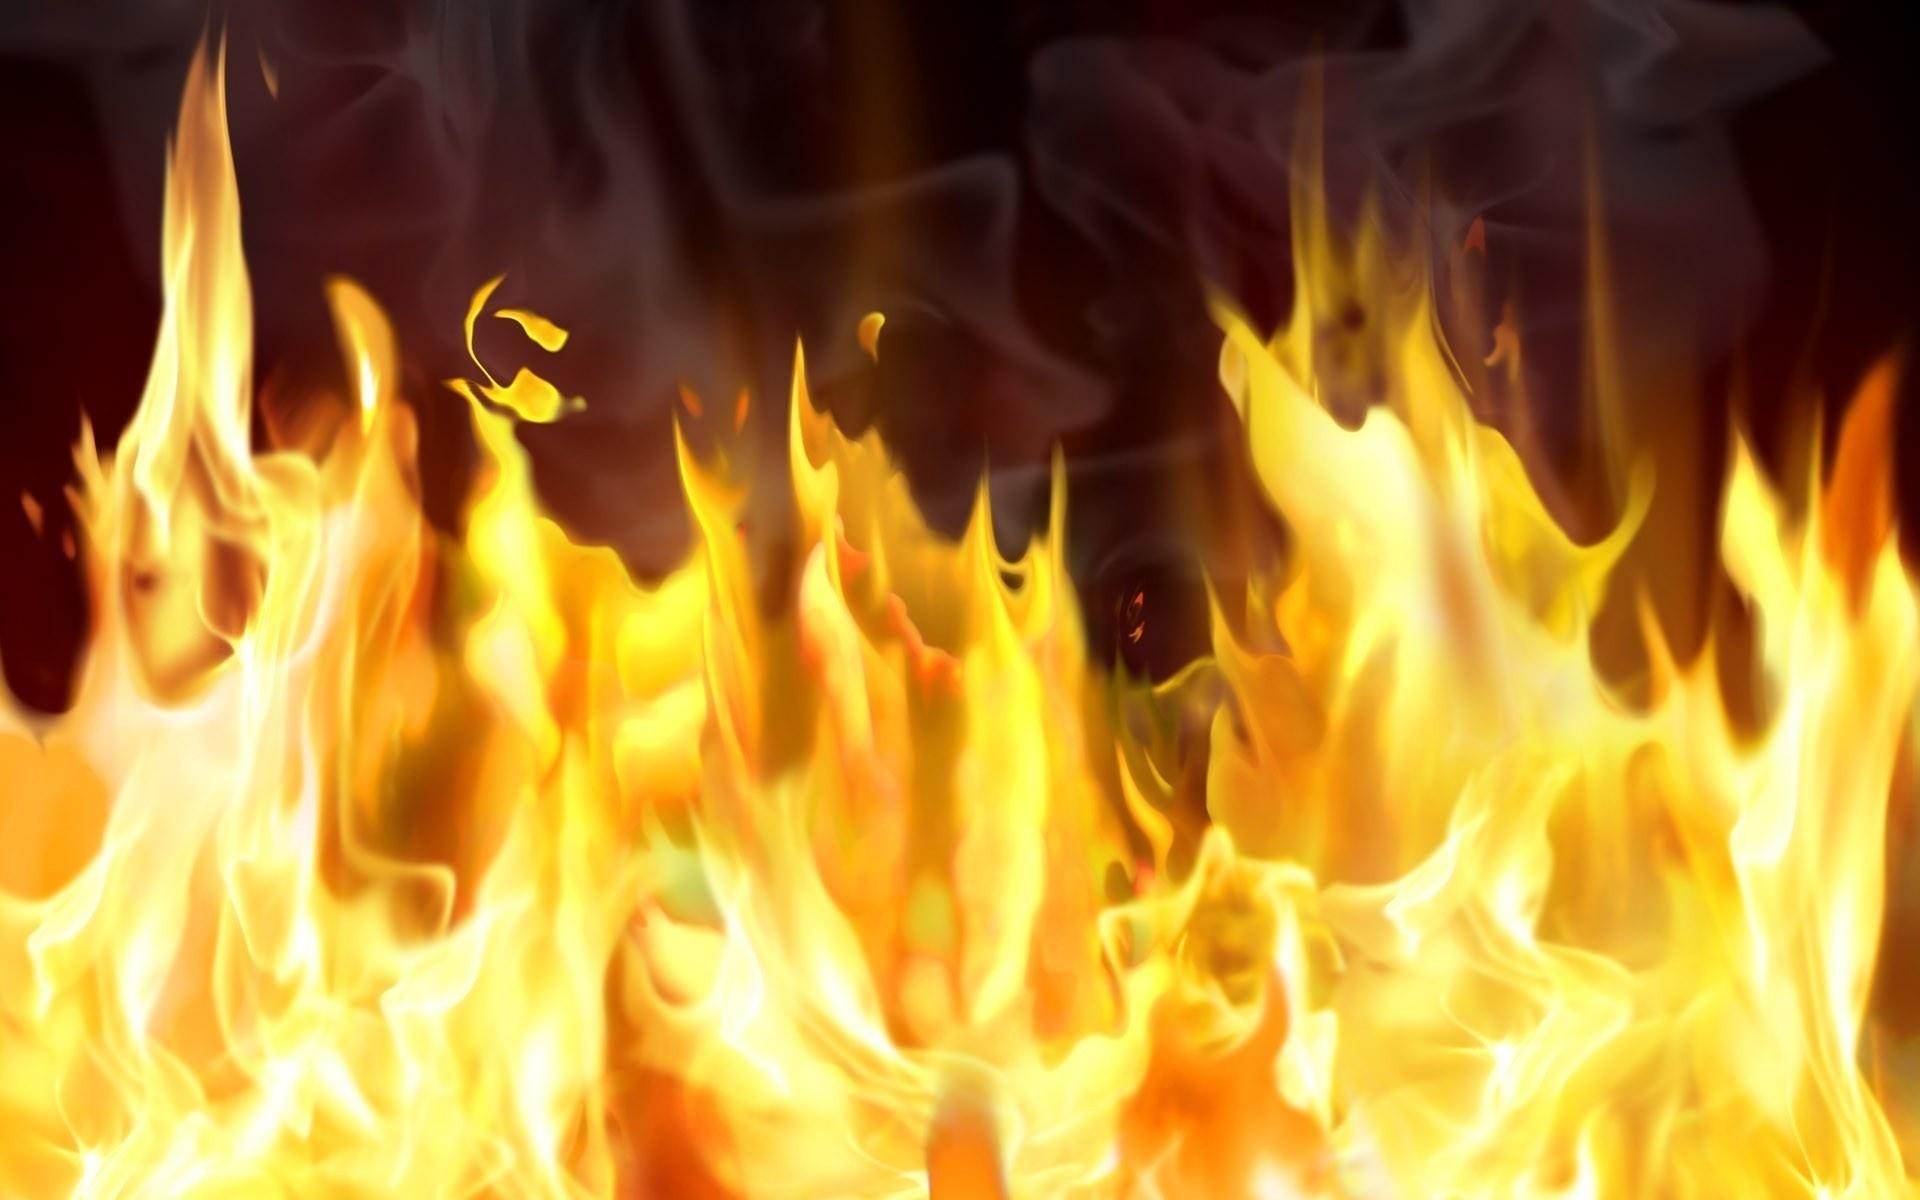 Картинки Огонь, пламя, фон, линии, яркие фото и обои на рабочий стол